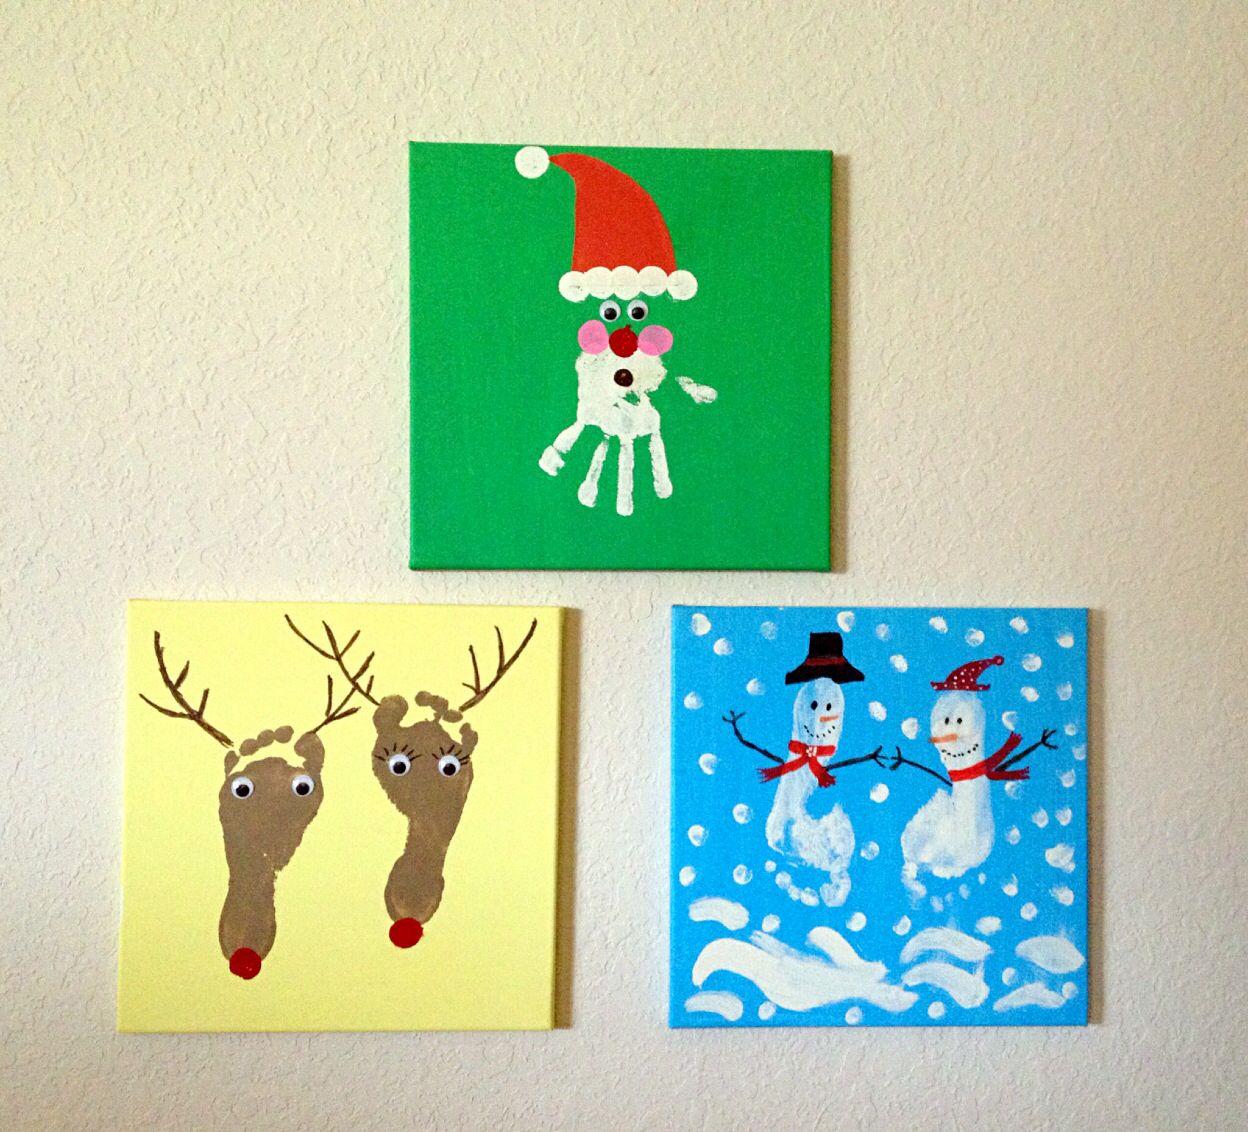 kid 39 s crafts for christmas krea inspiration pinterest julepynt b rnehave og hjemmelavet. Black Bedroom Furniture Sets. Home Design Ideas